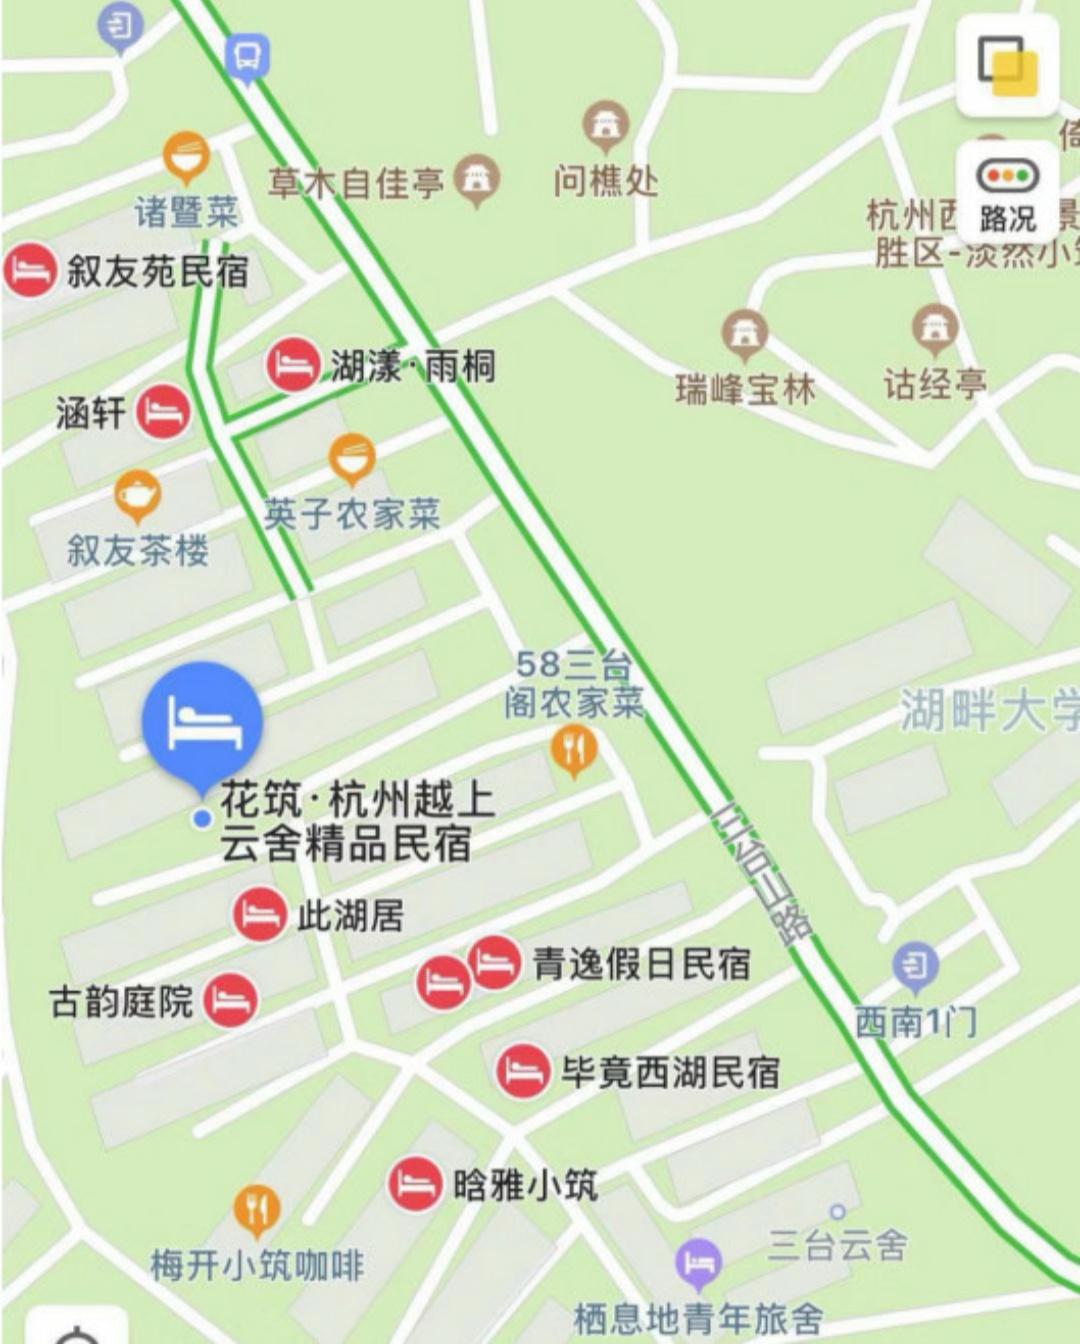 Screenshot_2019-08-09-20-45-49-826_com.tencent.mm.png